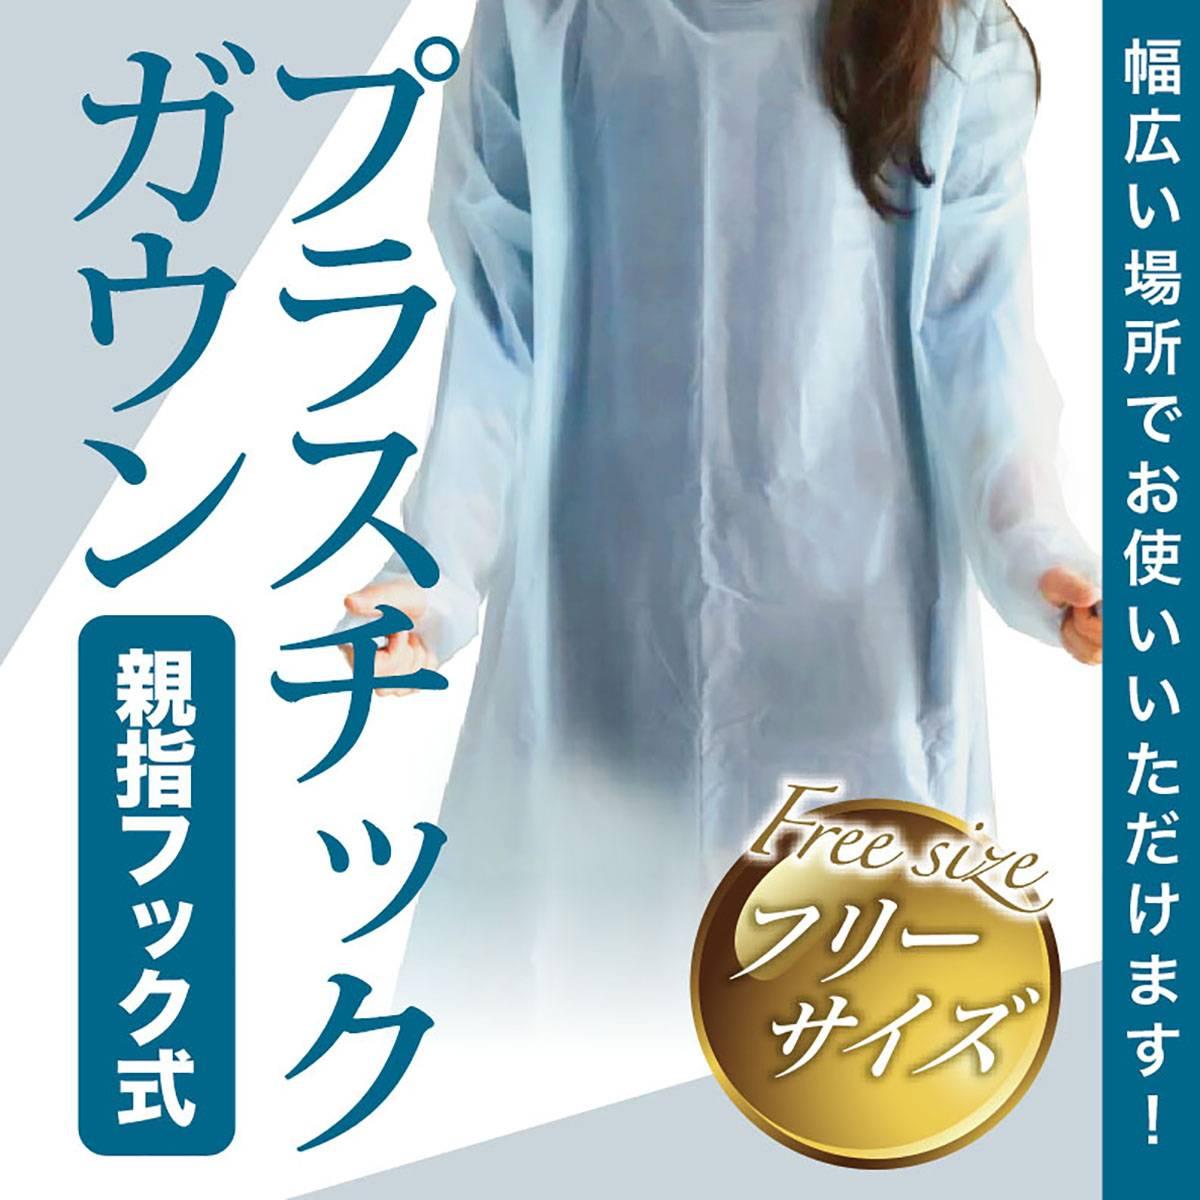 【1枚¥210】プラスチックガウン袖付き(親指フック式)フリーサイズ